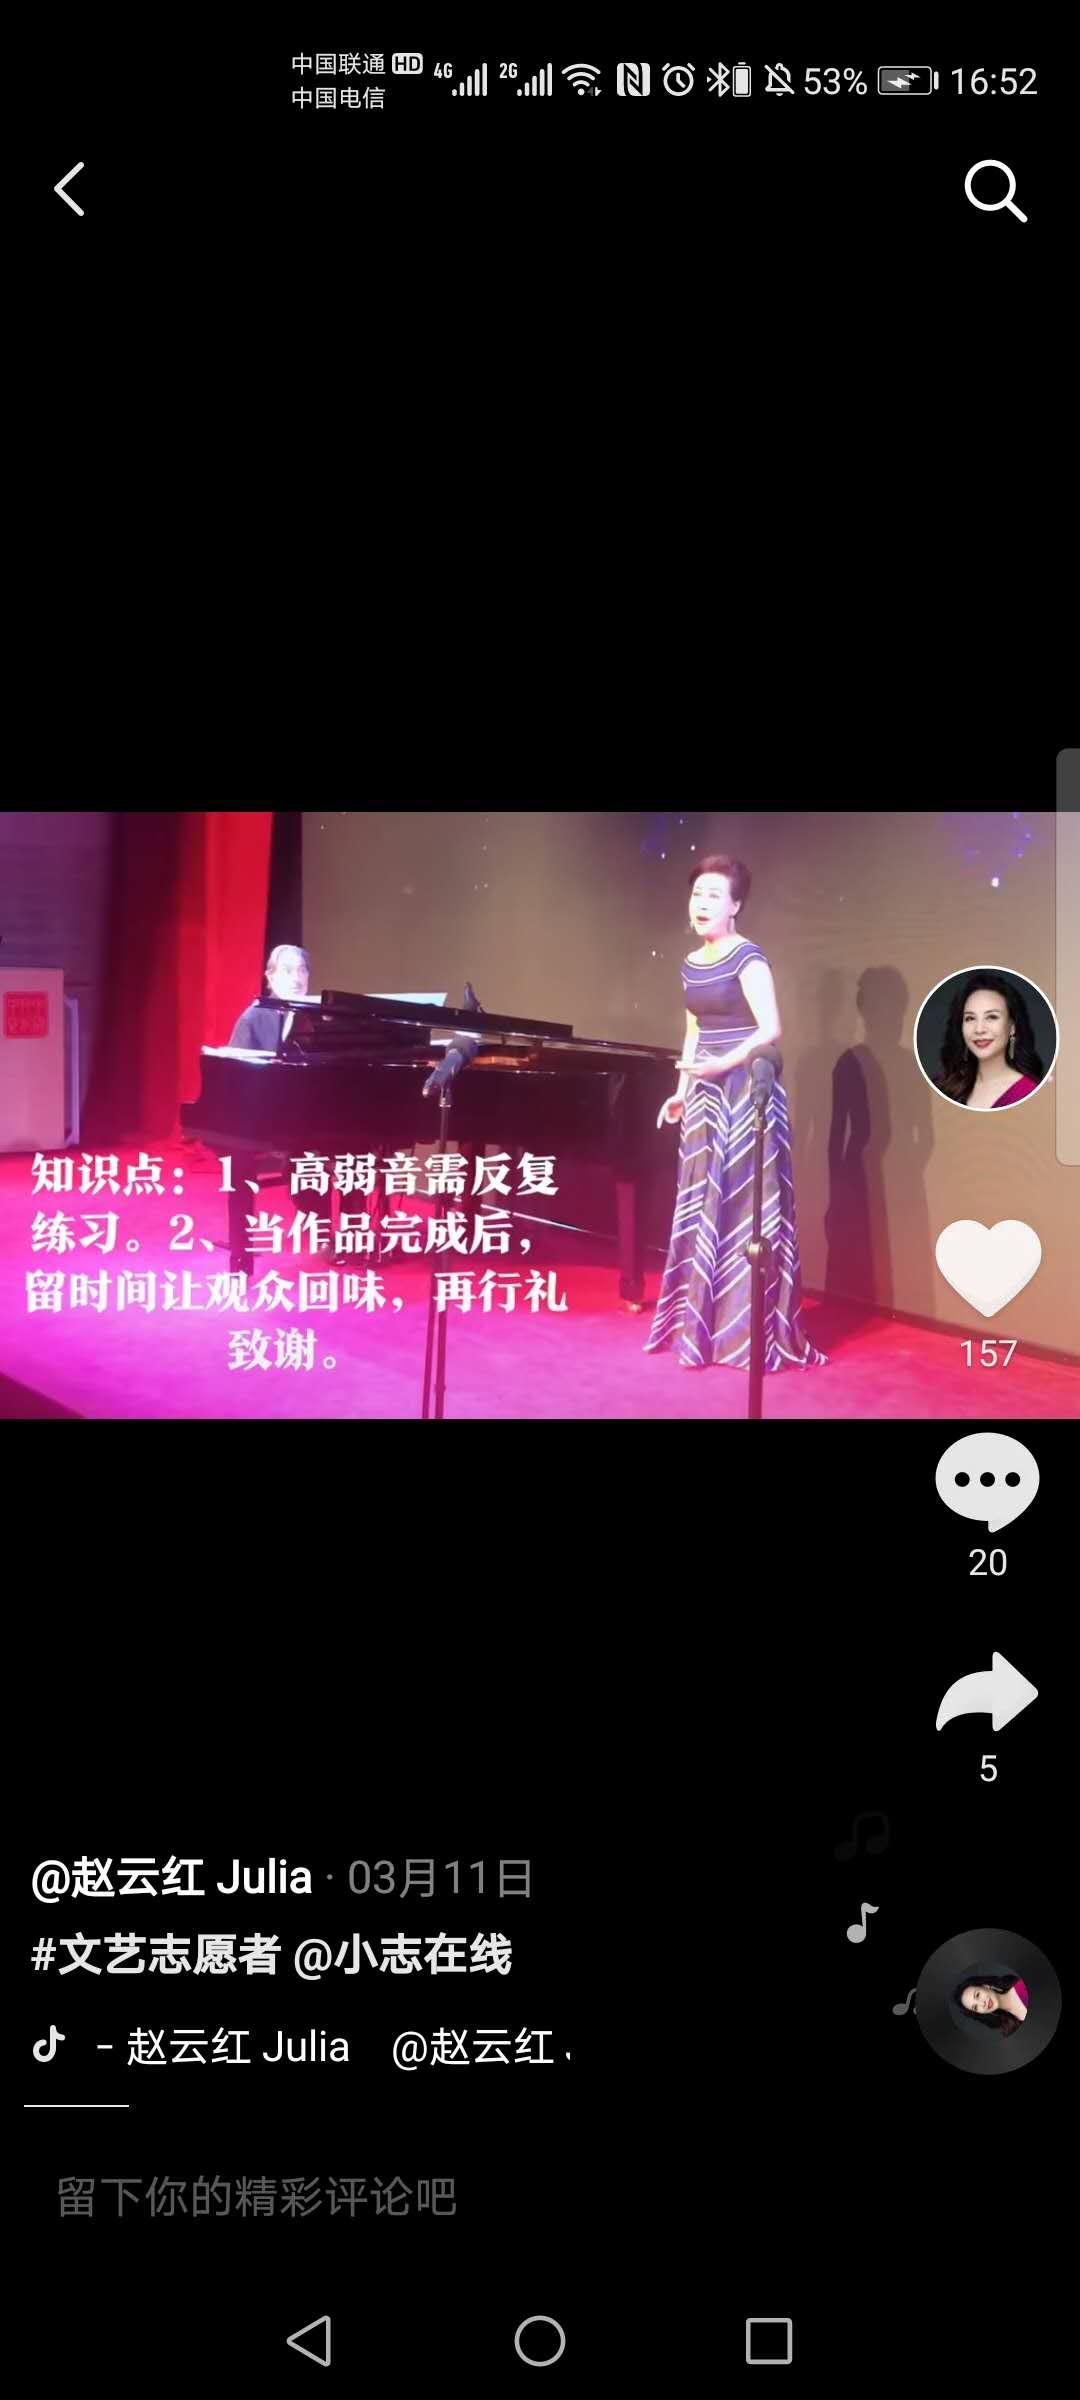 """美声唱法 素颜完成抖音首秀,但其实她是名扬海内外的""""东方夜莺"""""""